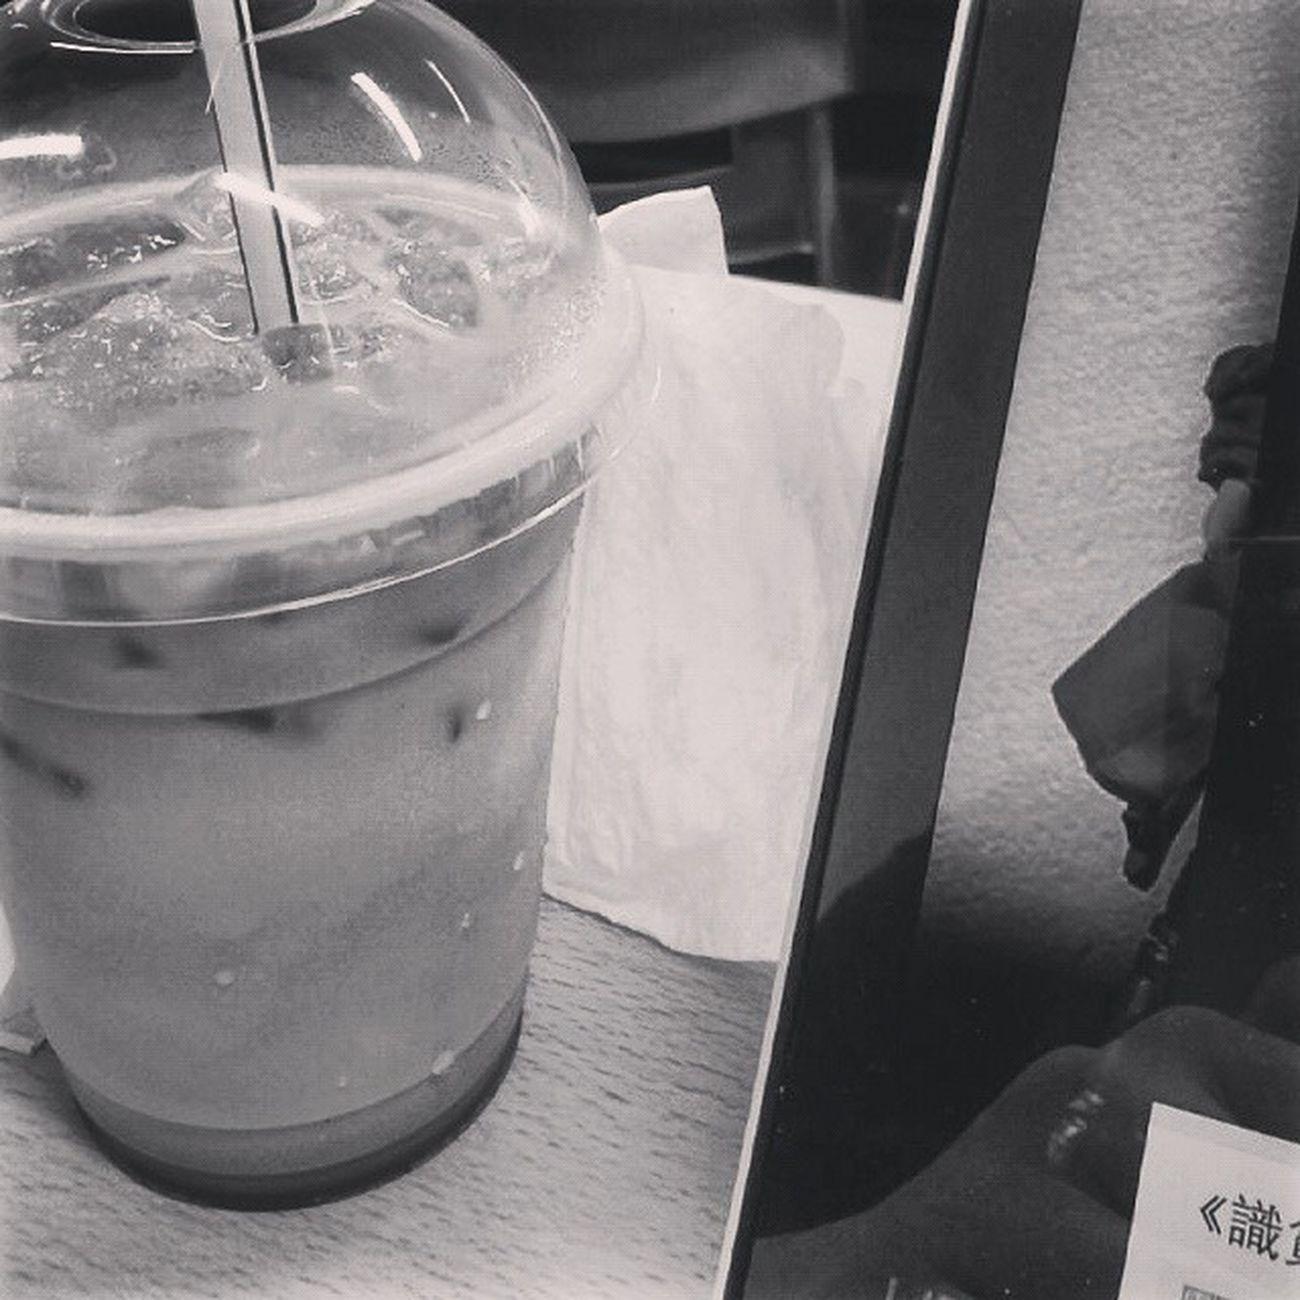 早上的九點零分,我在寂靜的四方空間內呷一口咖啡,但吸下的只是一縷又一縷唏噓。 你班友肯返嚟未,係班房同呀sir單處好老尷 Hk Hkig Hkboys 20 April Morning Latte Photooftheday 偽.文青未訓醒 你班友仔肯返學未